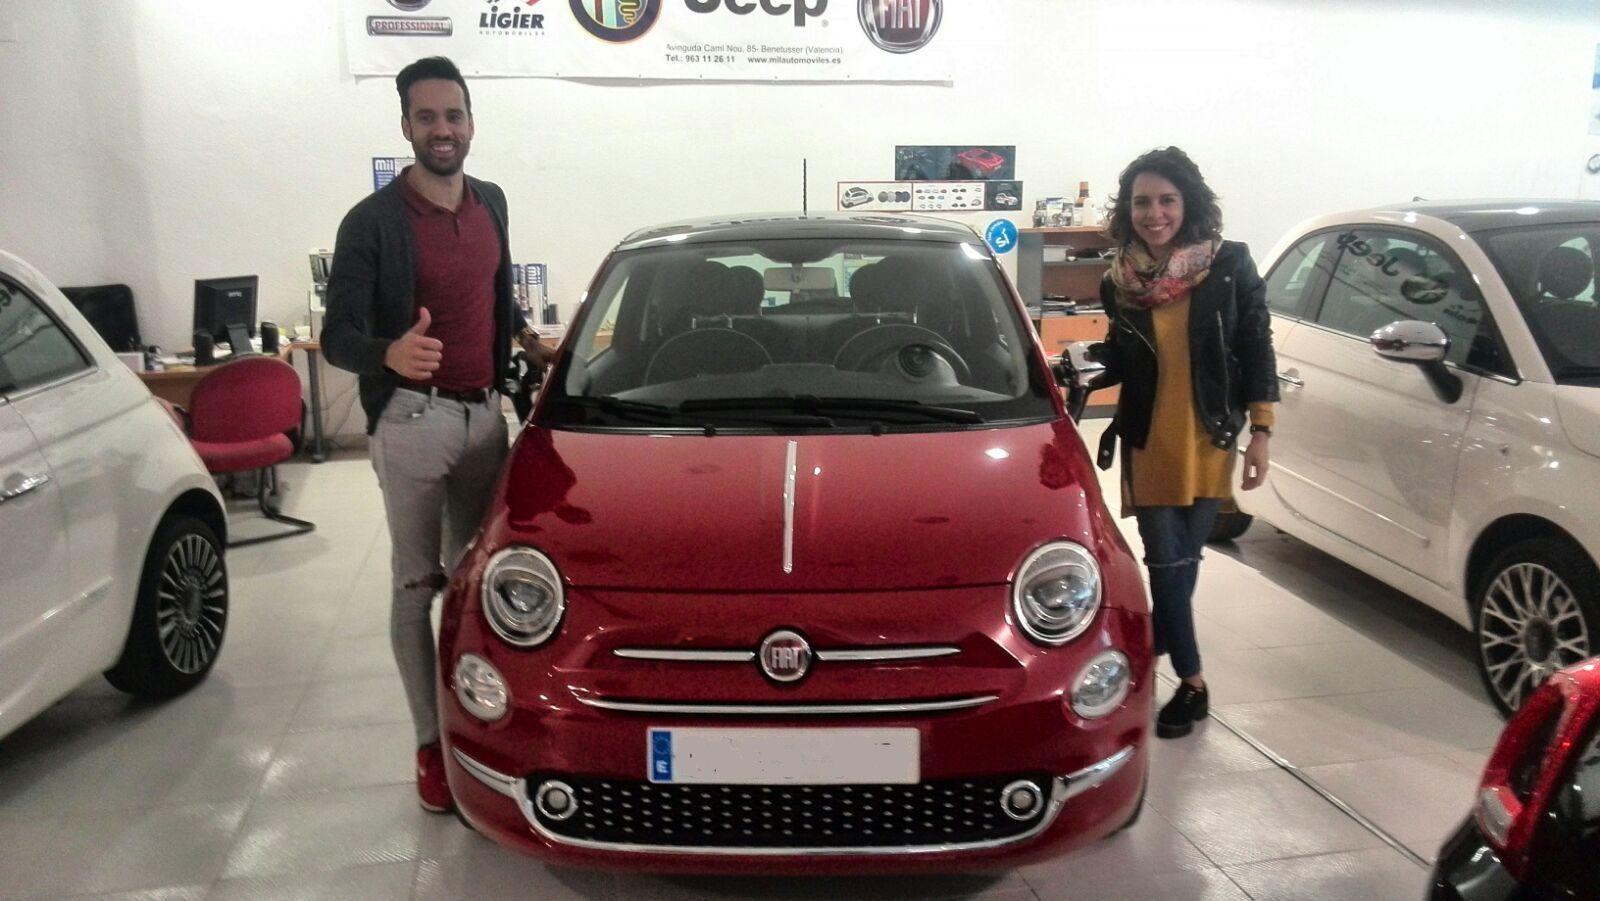 Entrega a Yolanda y Javier de un Fiat 500 Lounge